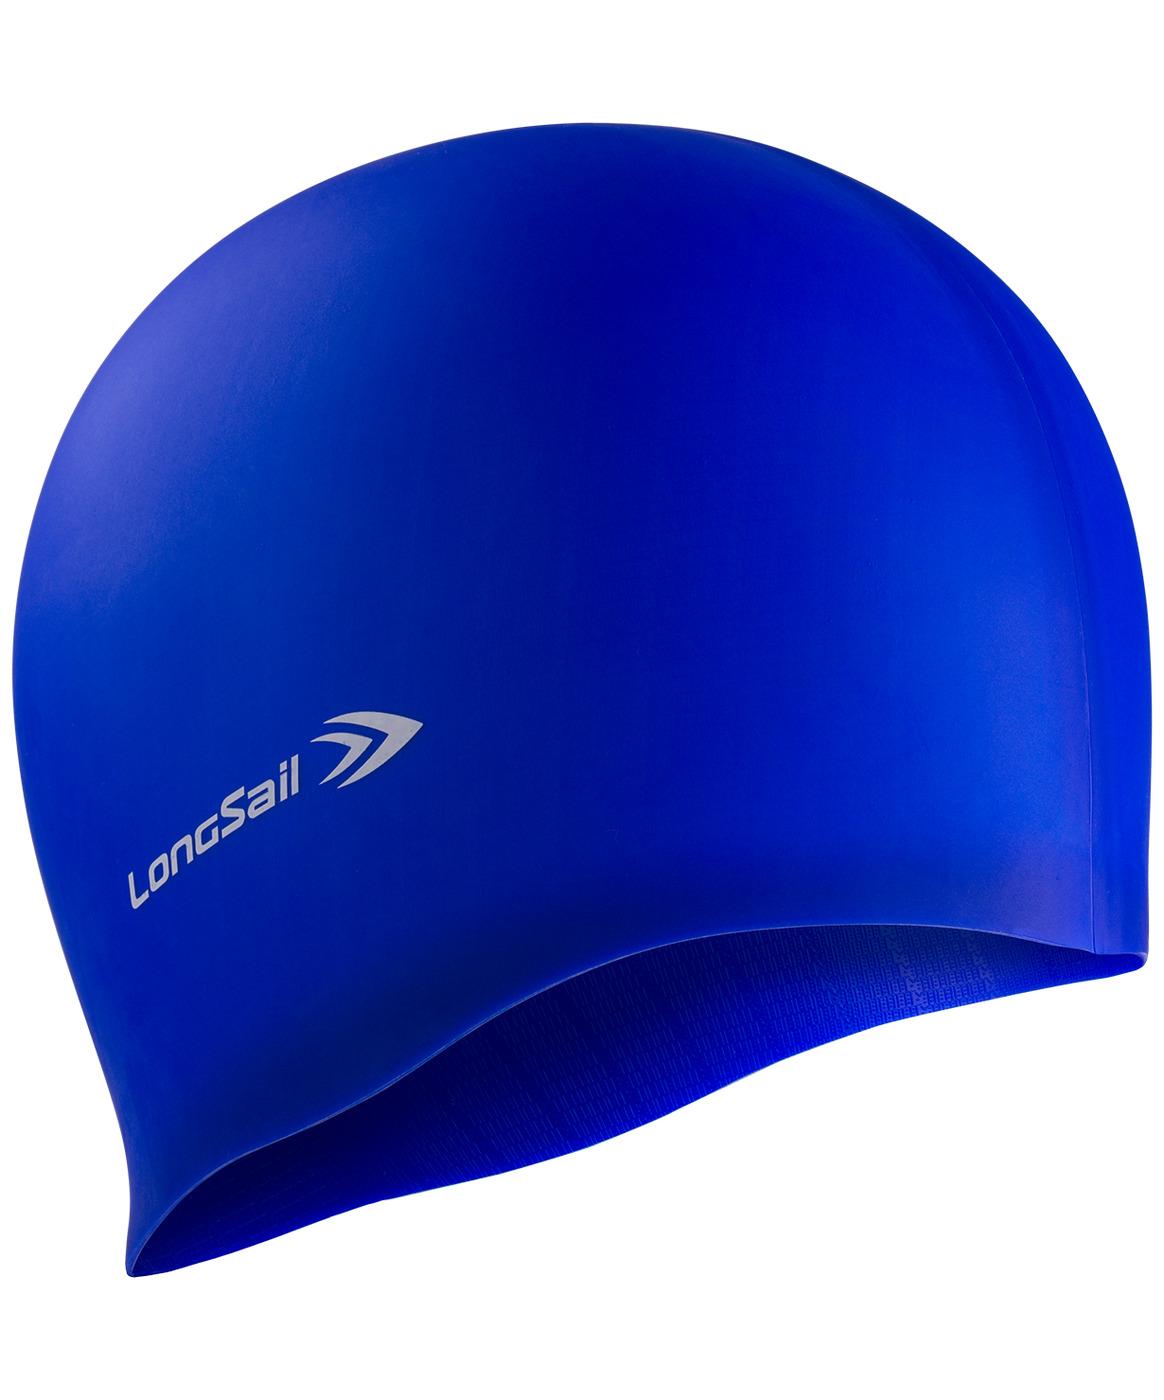 LONGSAIL  Шапочка для плавания силикон: синий - 1